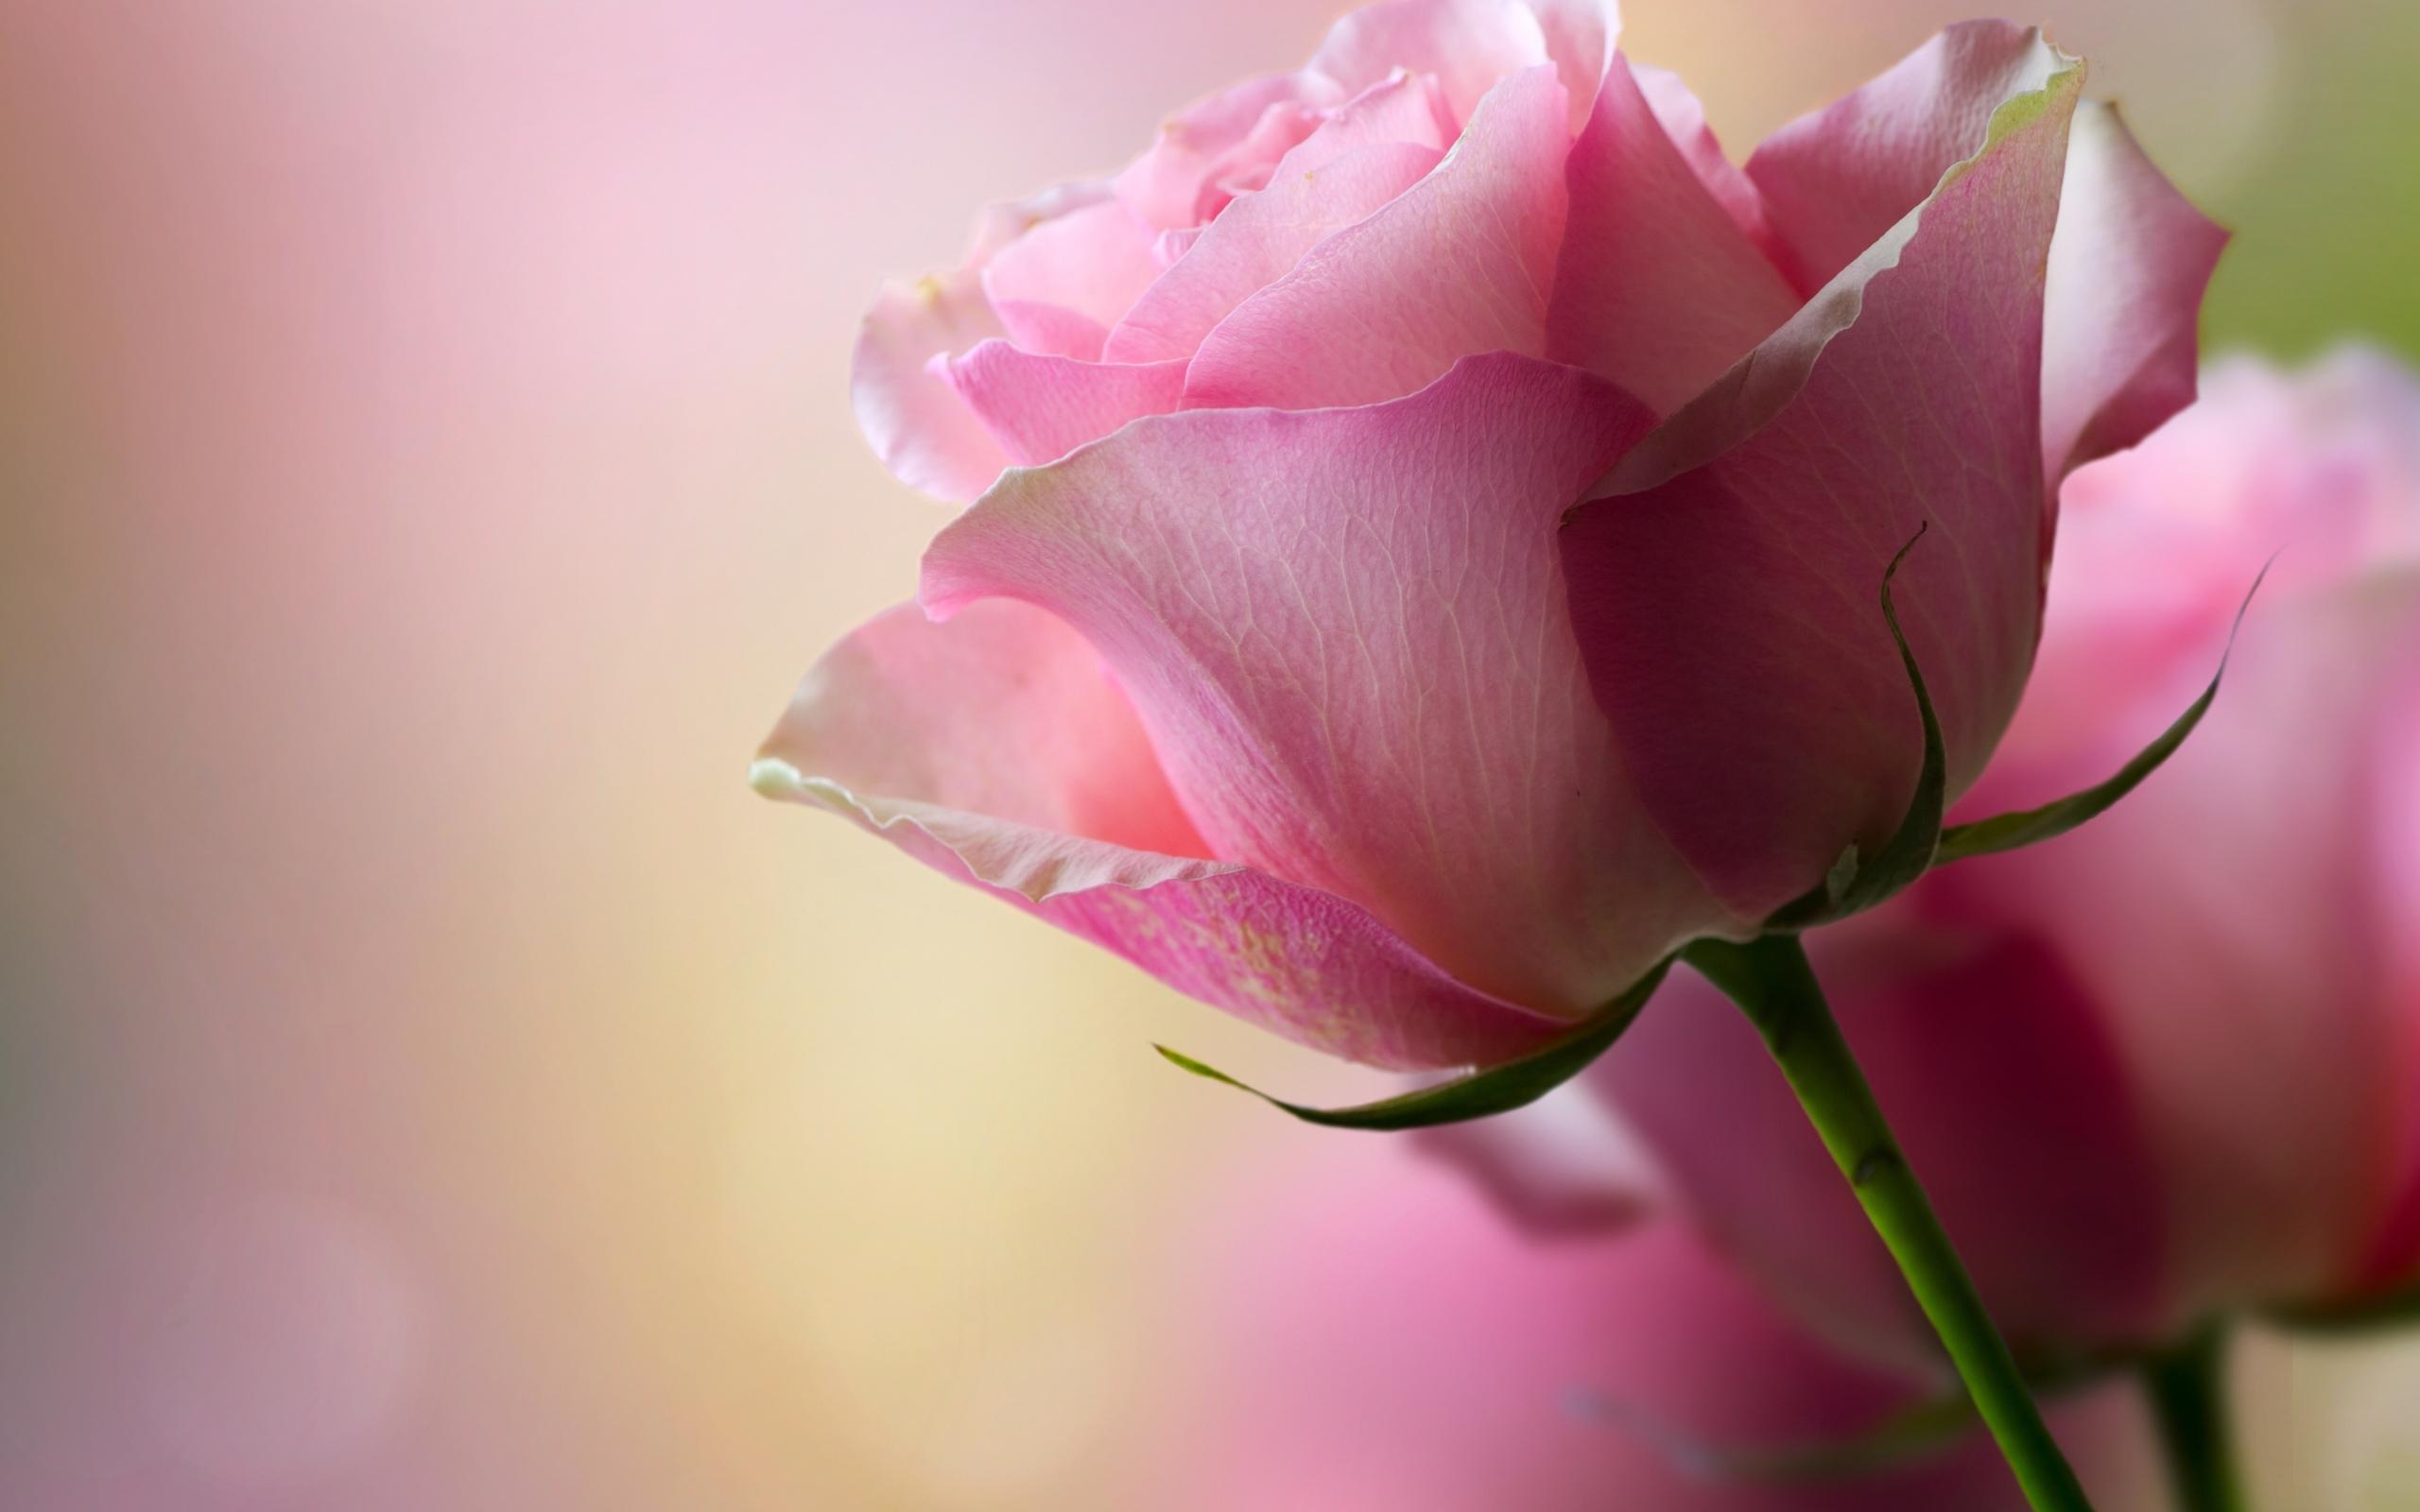 цветок, роза, Макро, лепестки роз, свет ...: www.zastavki.com/rus/Nature/Flowers/wallpaper-40244-19.htm